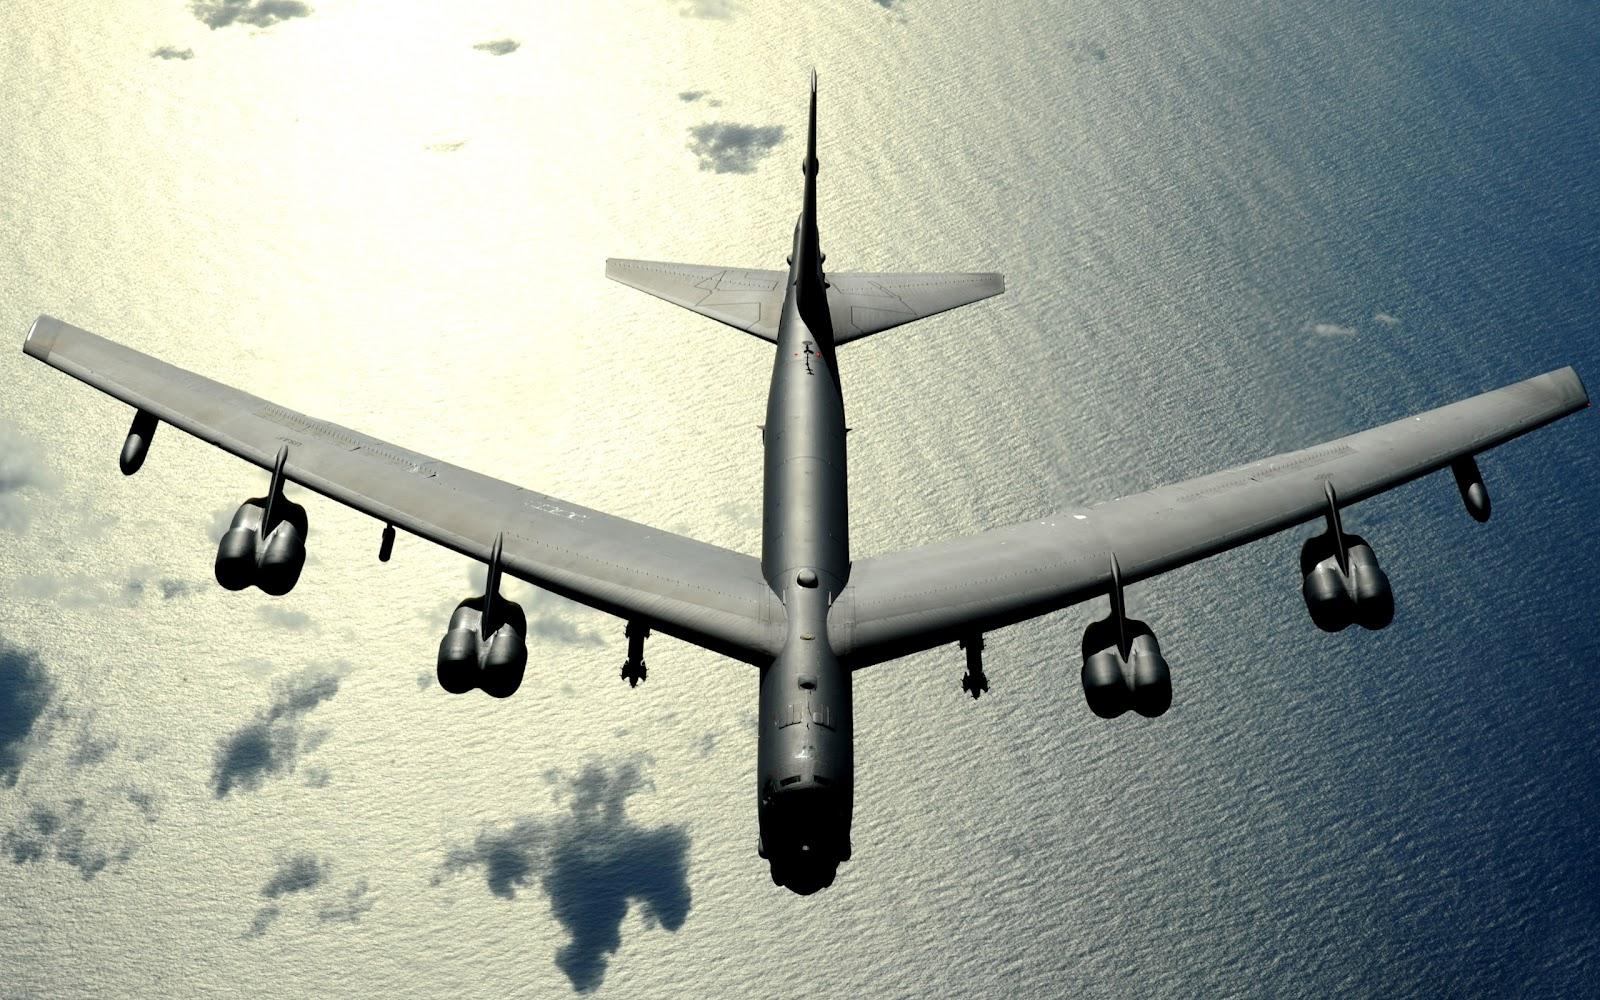 http://3.bp.blogspot.com/-EuSoDwPEM8M/Ty_x26BIBXI/AAAAAAAACEU/mg06baagEHc/s1600/Air+Force+Wallpaper+6.jpg